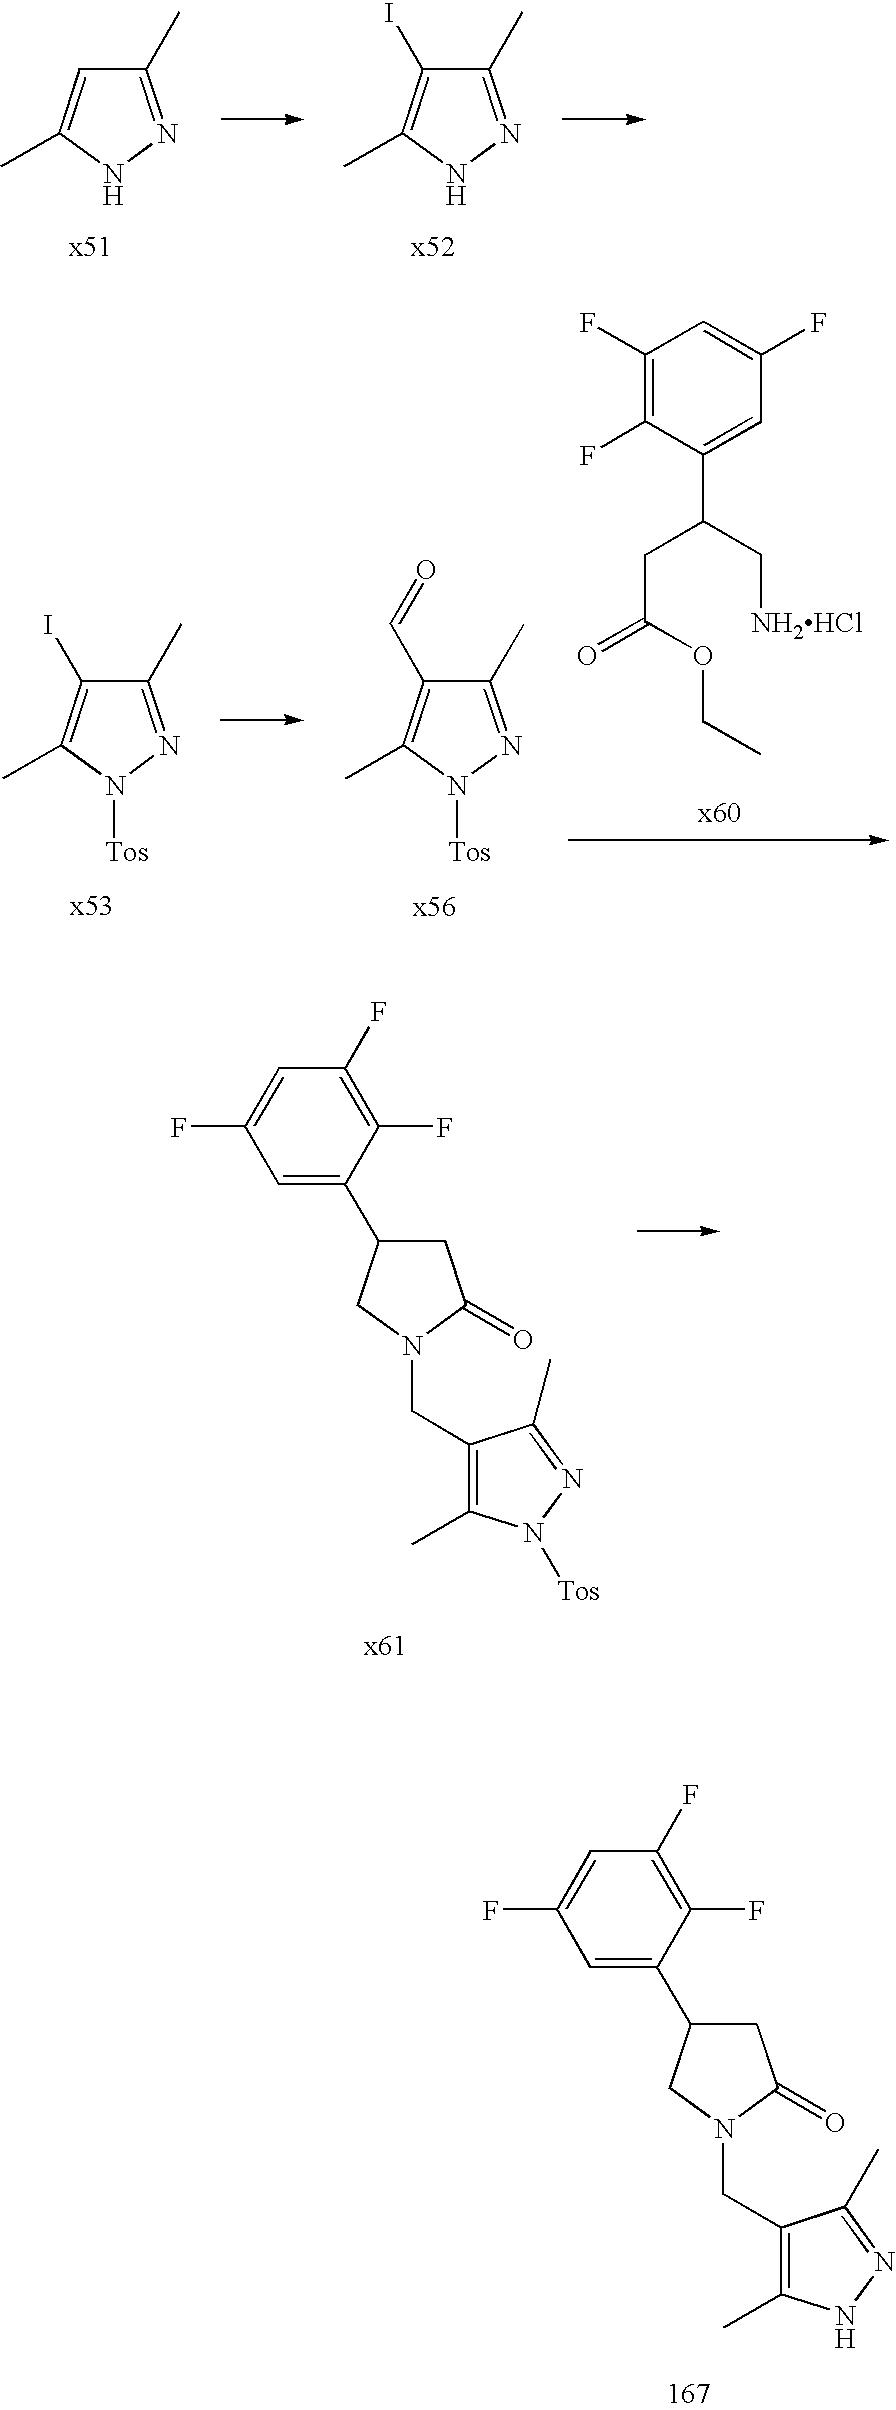 Figure US08183241-20120522-C00041